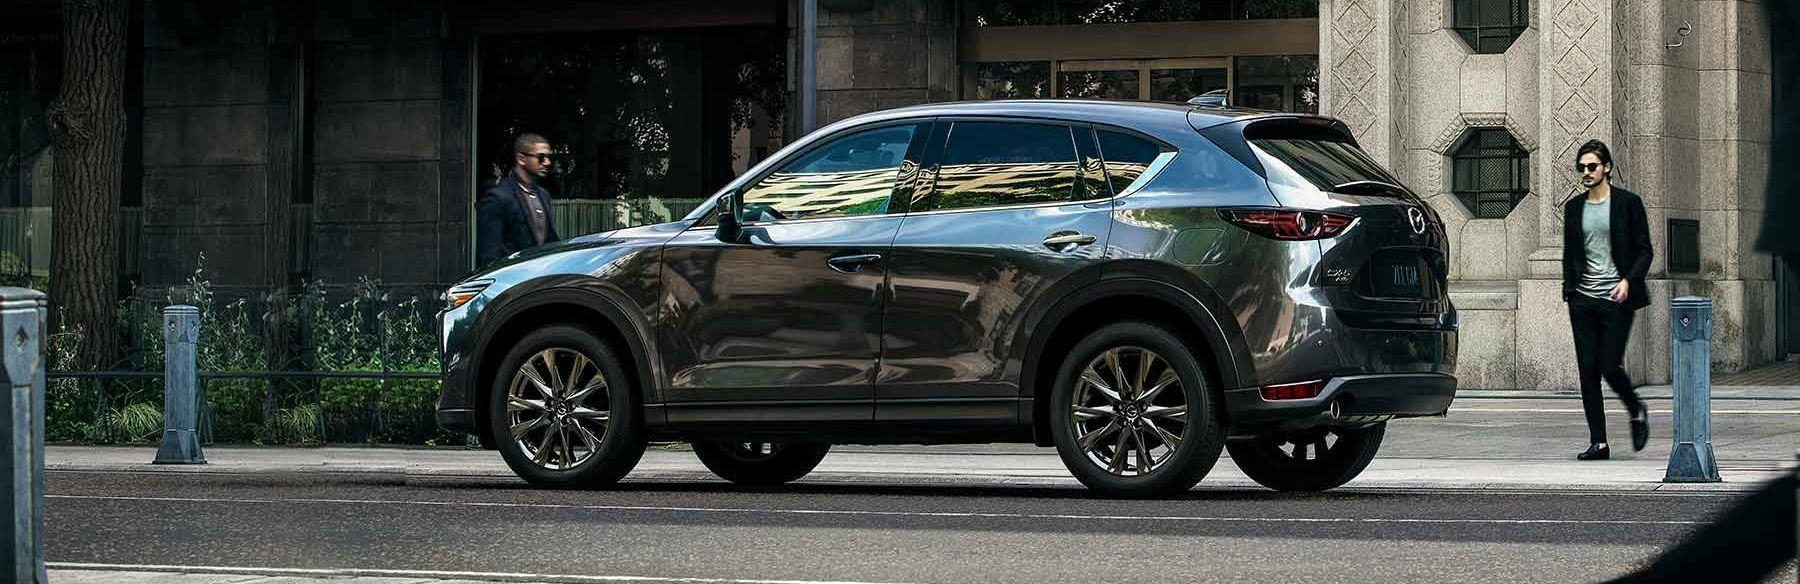 2019 Mazda CX-5 for Sale near Cibolo, TX